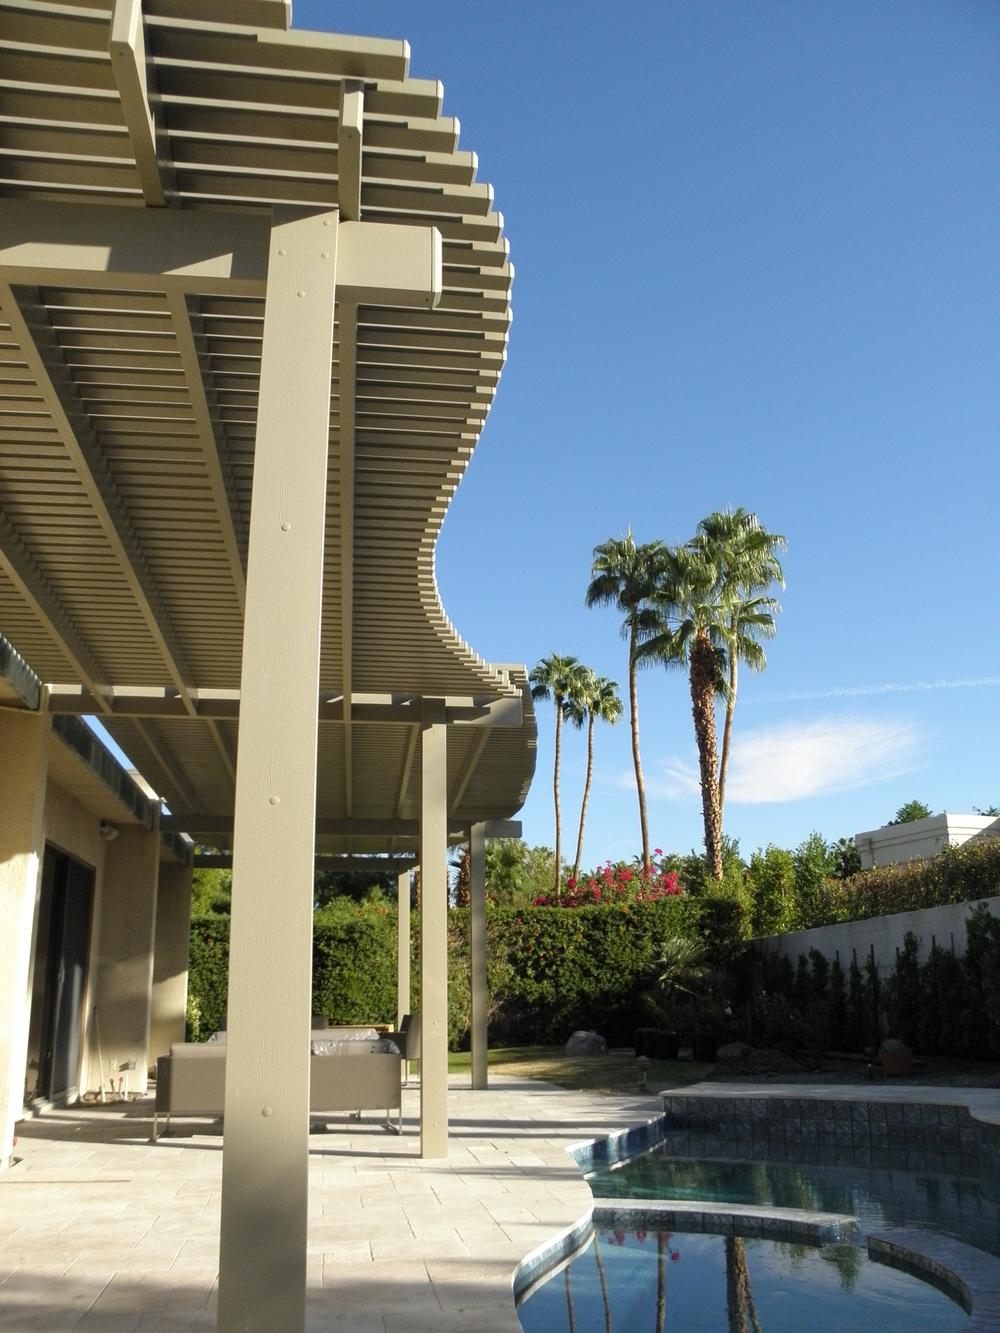 Lattice Patio Covers Indio Palm Desert La Quinta 92203 92253 92211 Valley Patios Custom